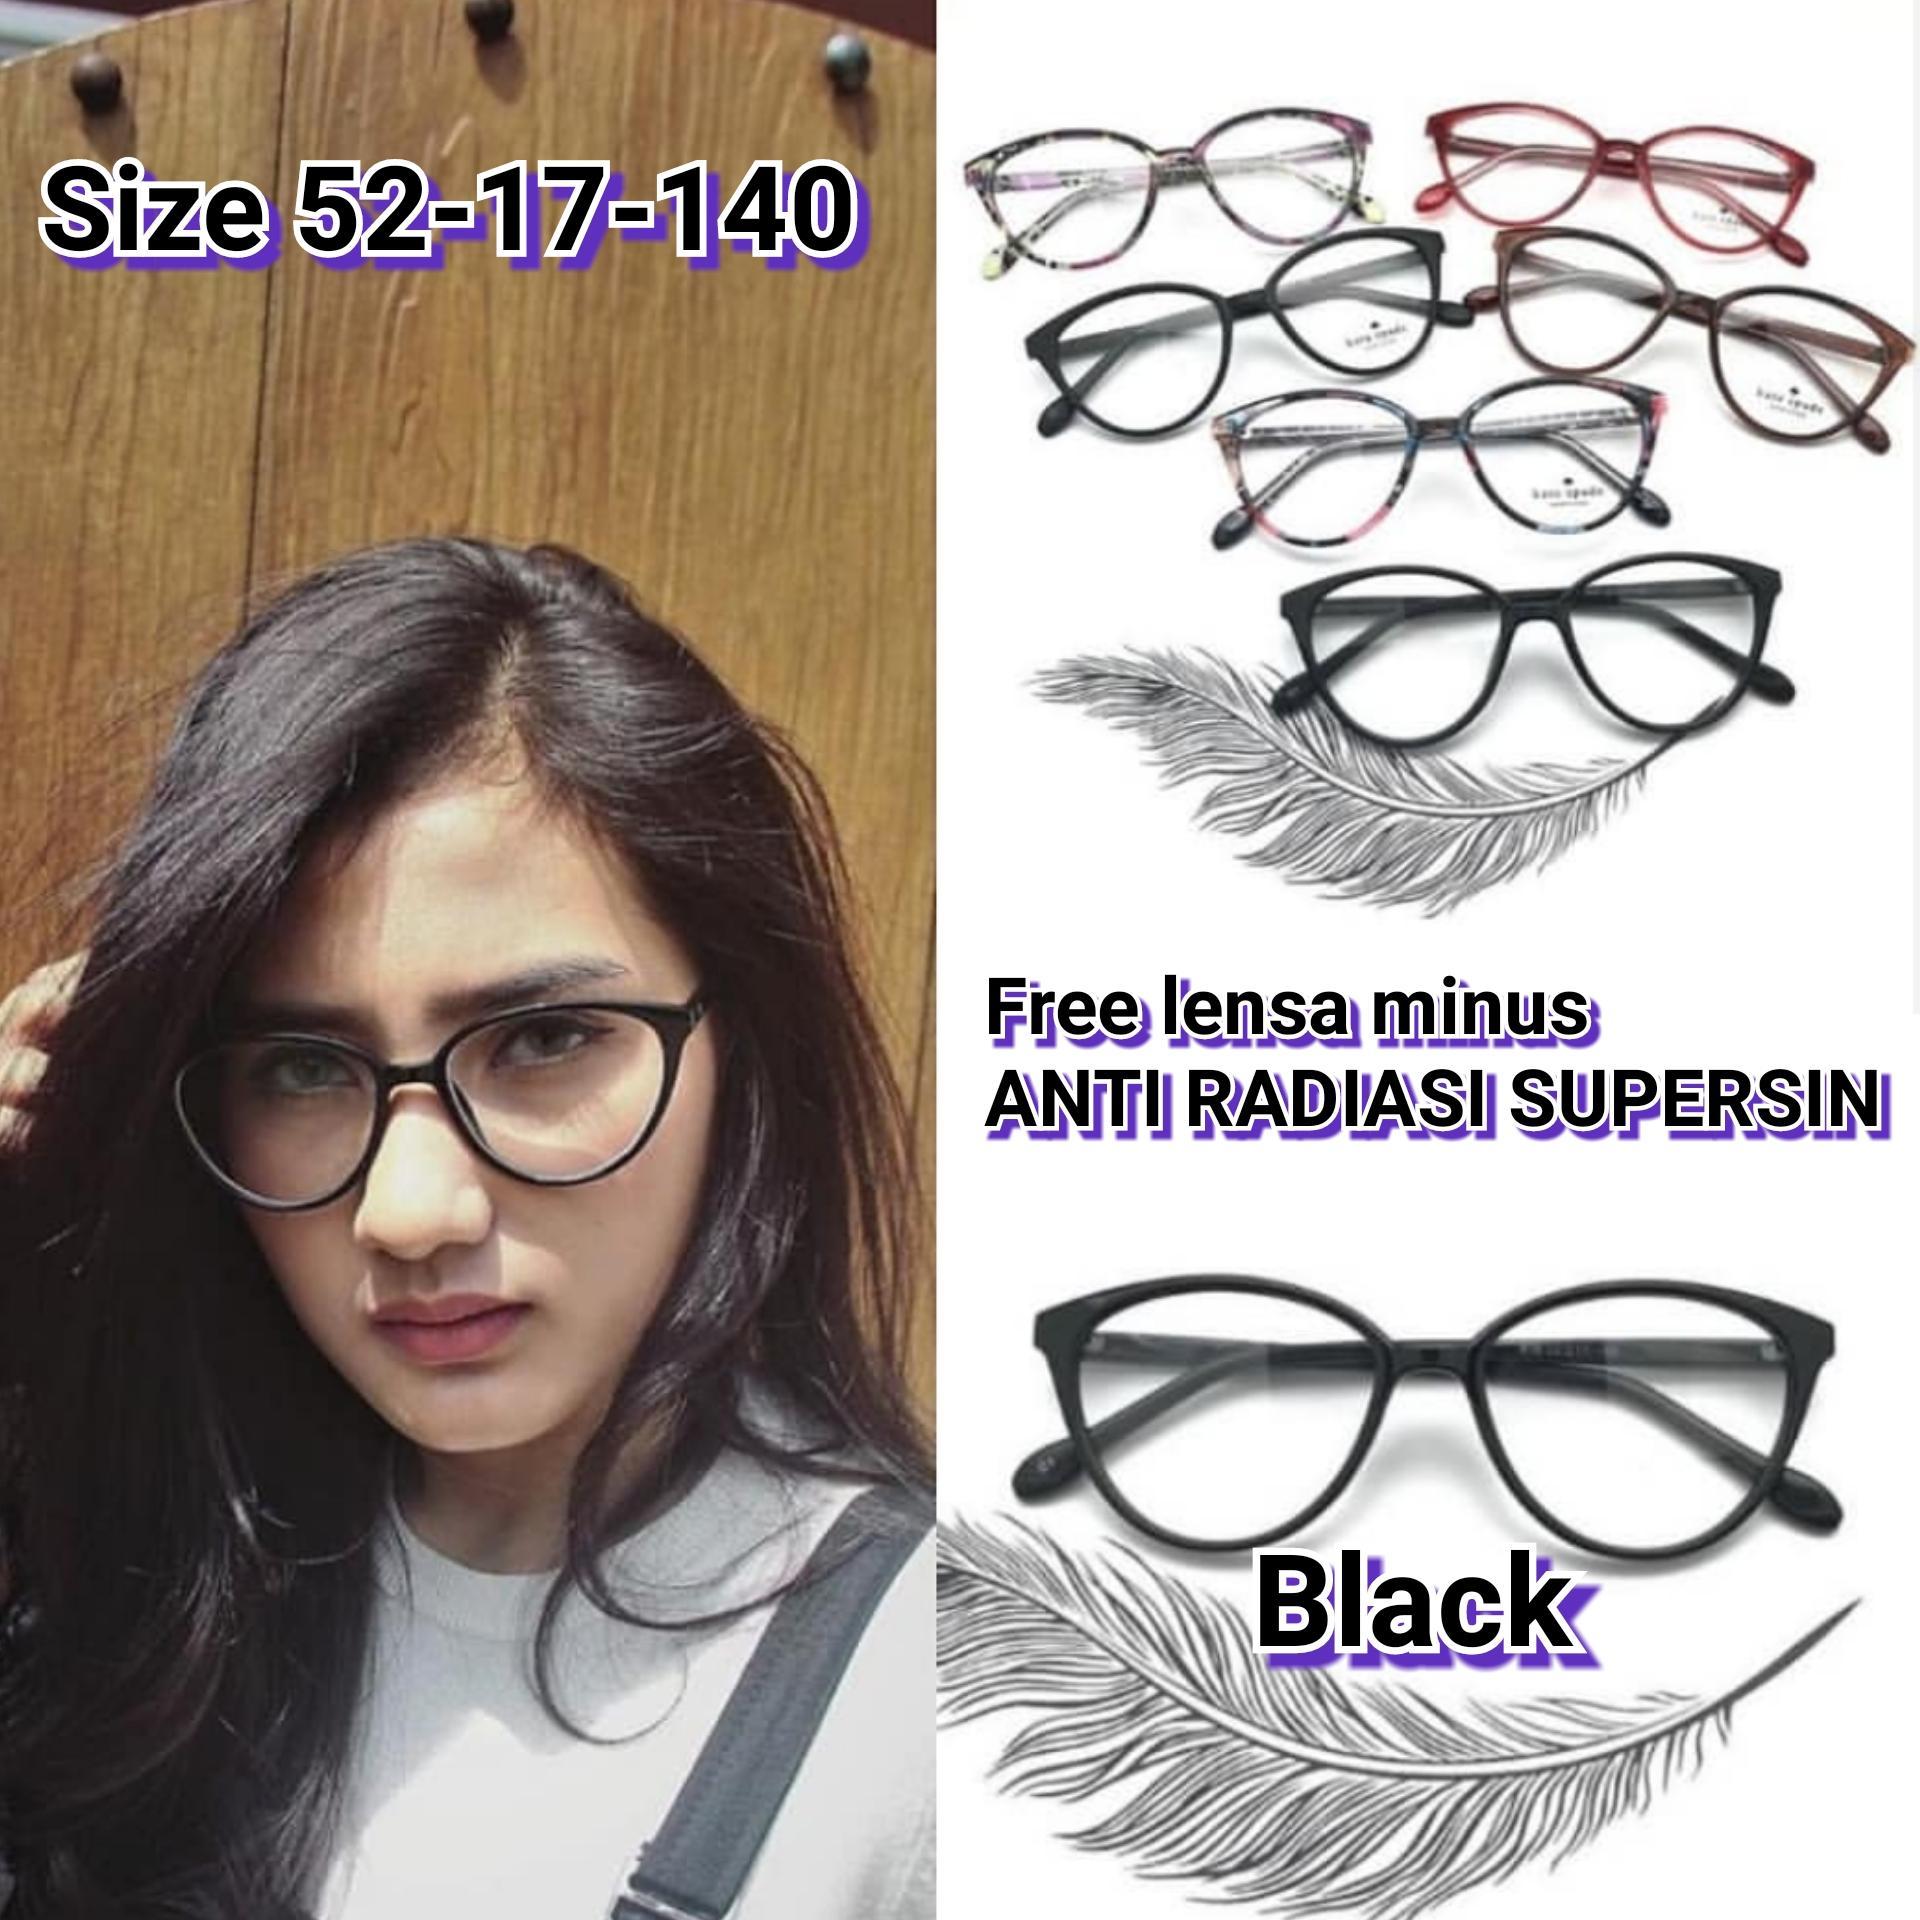 Frame Kacamata minus Cat Eye 608 kacamata minus   plus  cylinder kacamata  anti radiasi 928da2a61d